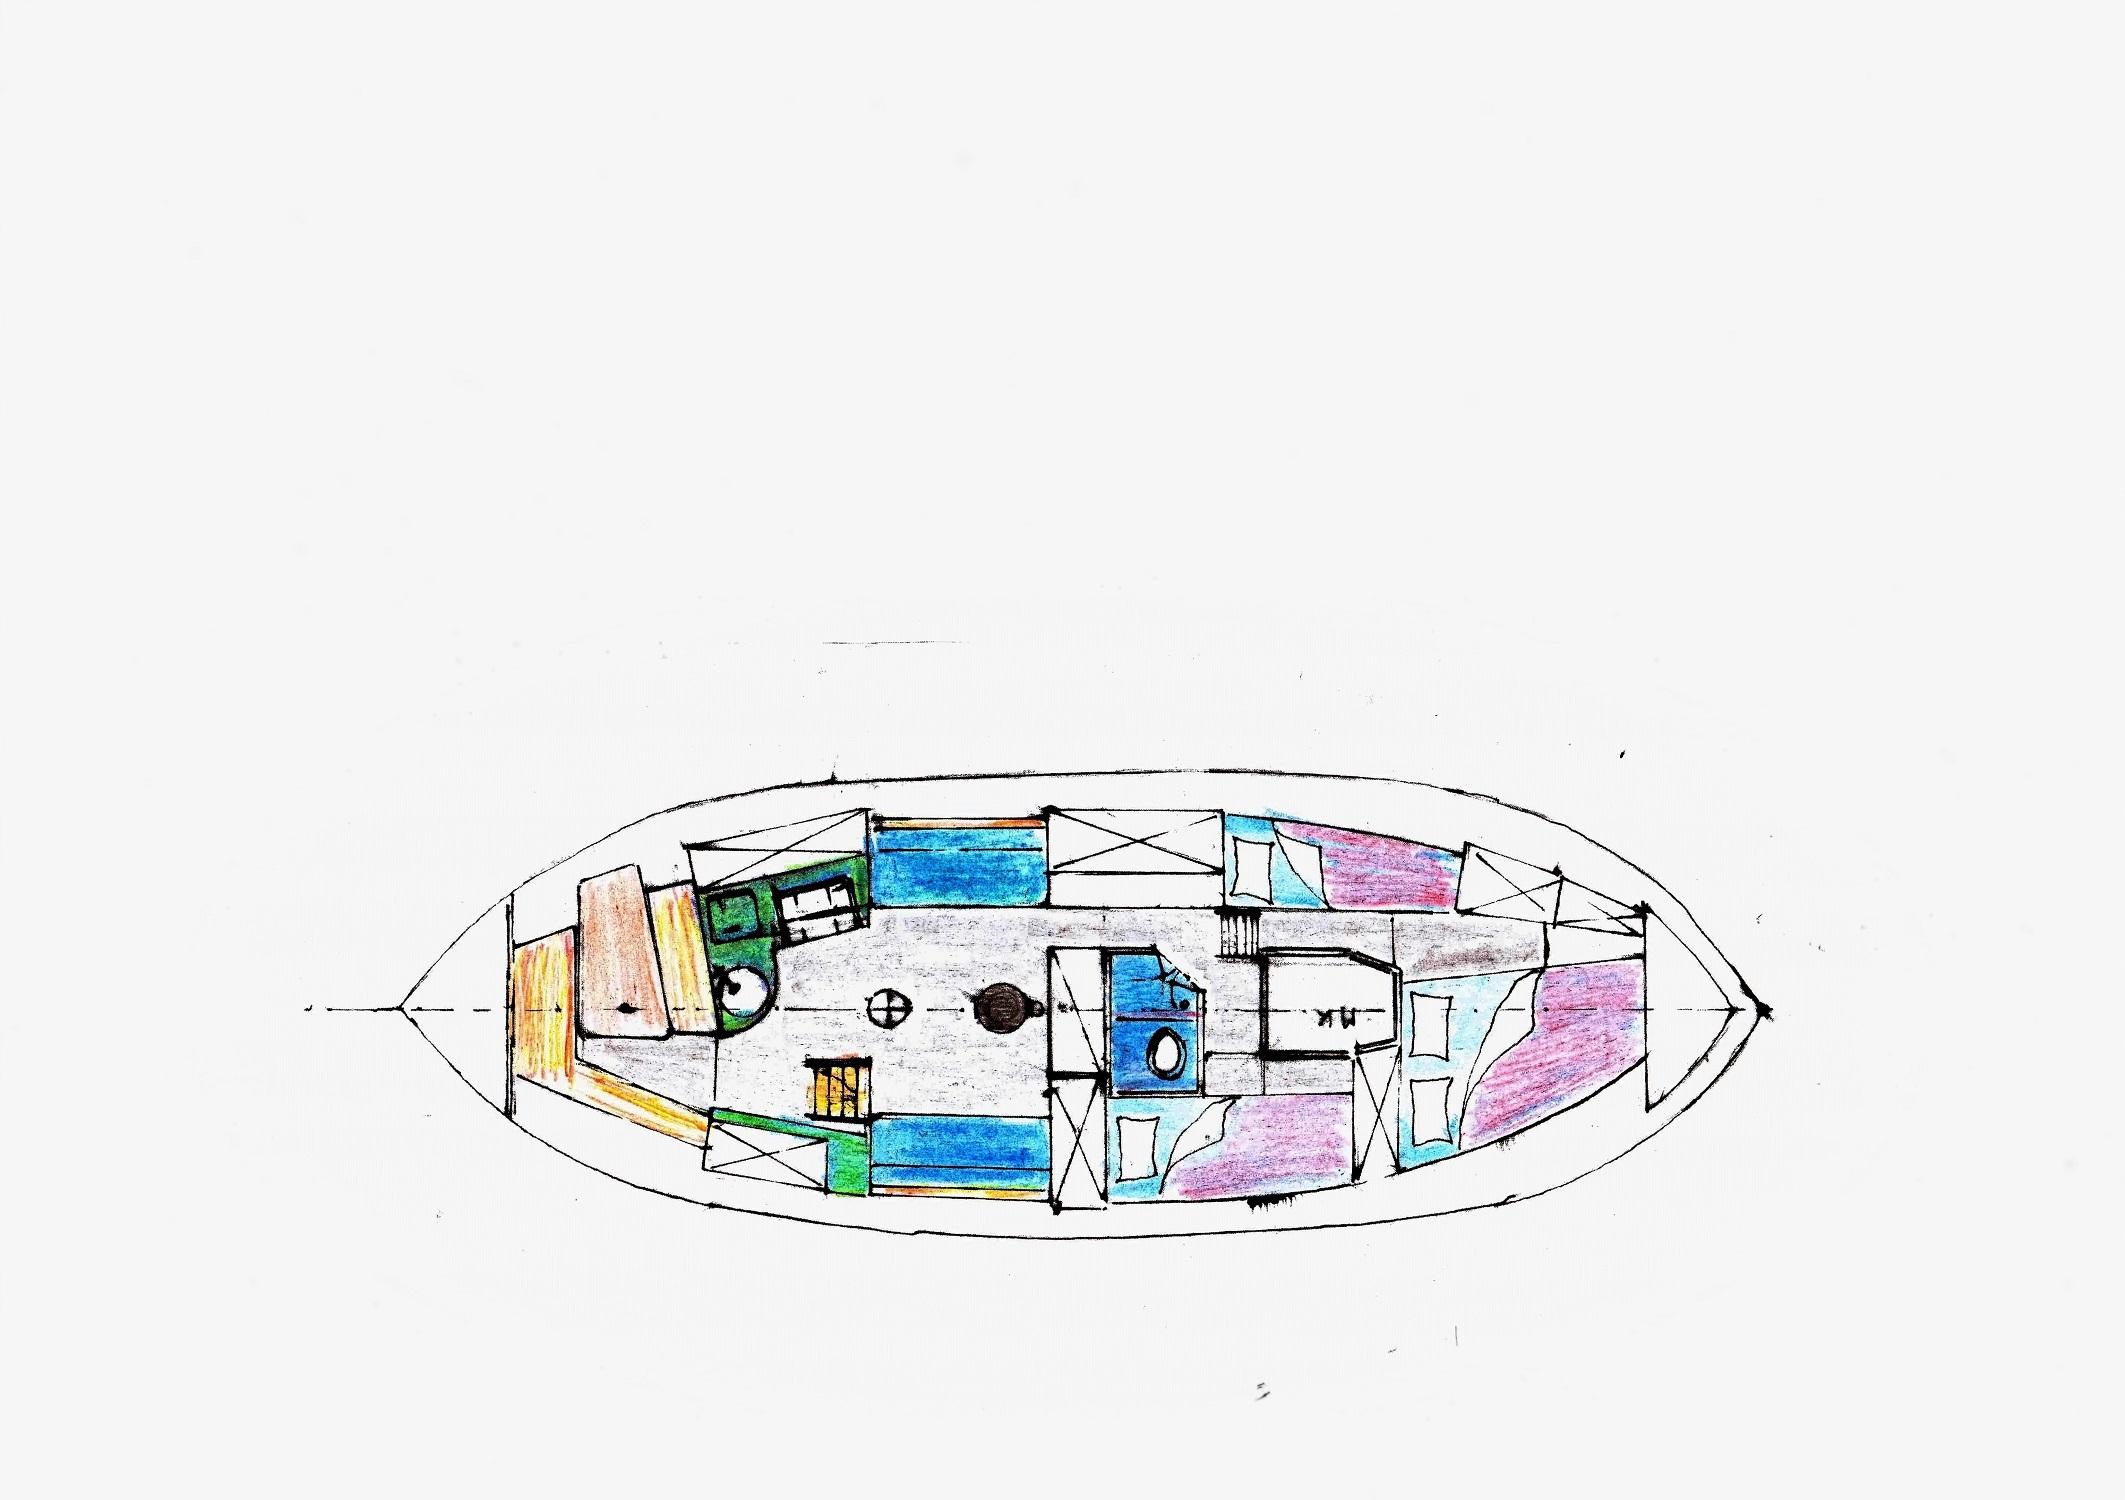 Kajuitzeilboten en Zeiljachten Zeilkotter Ex-vissersboot foto 8